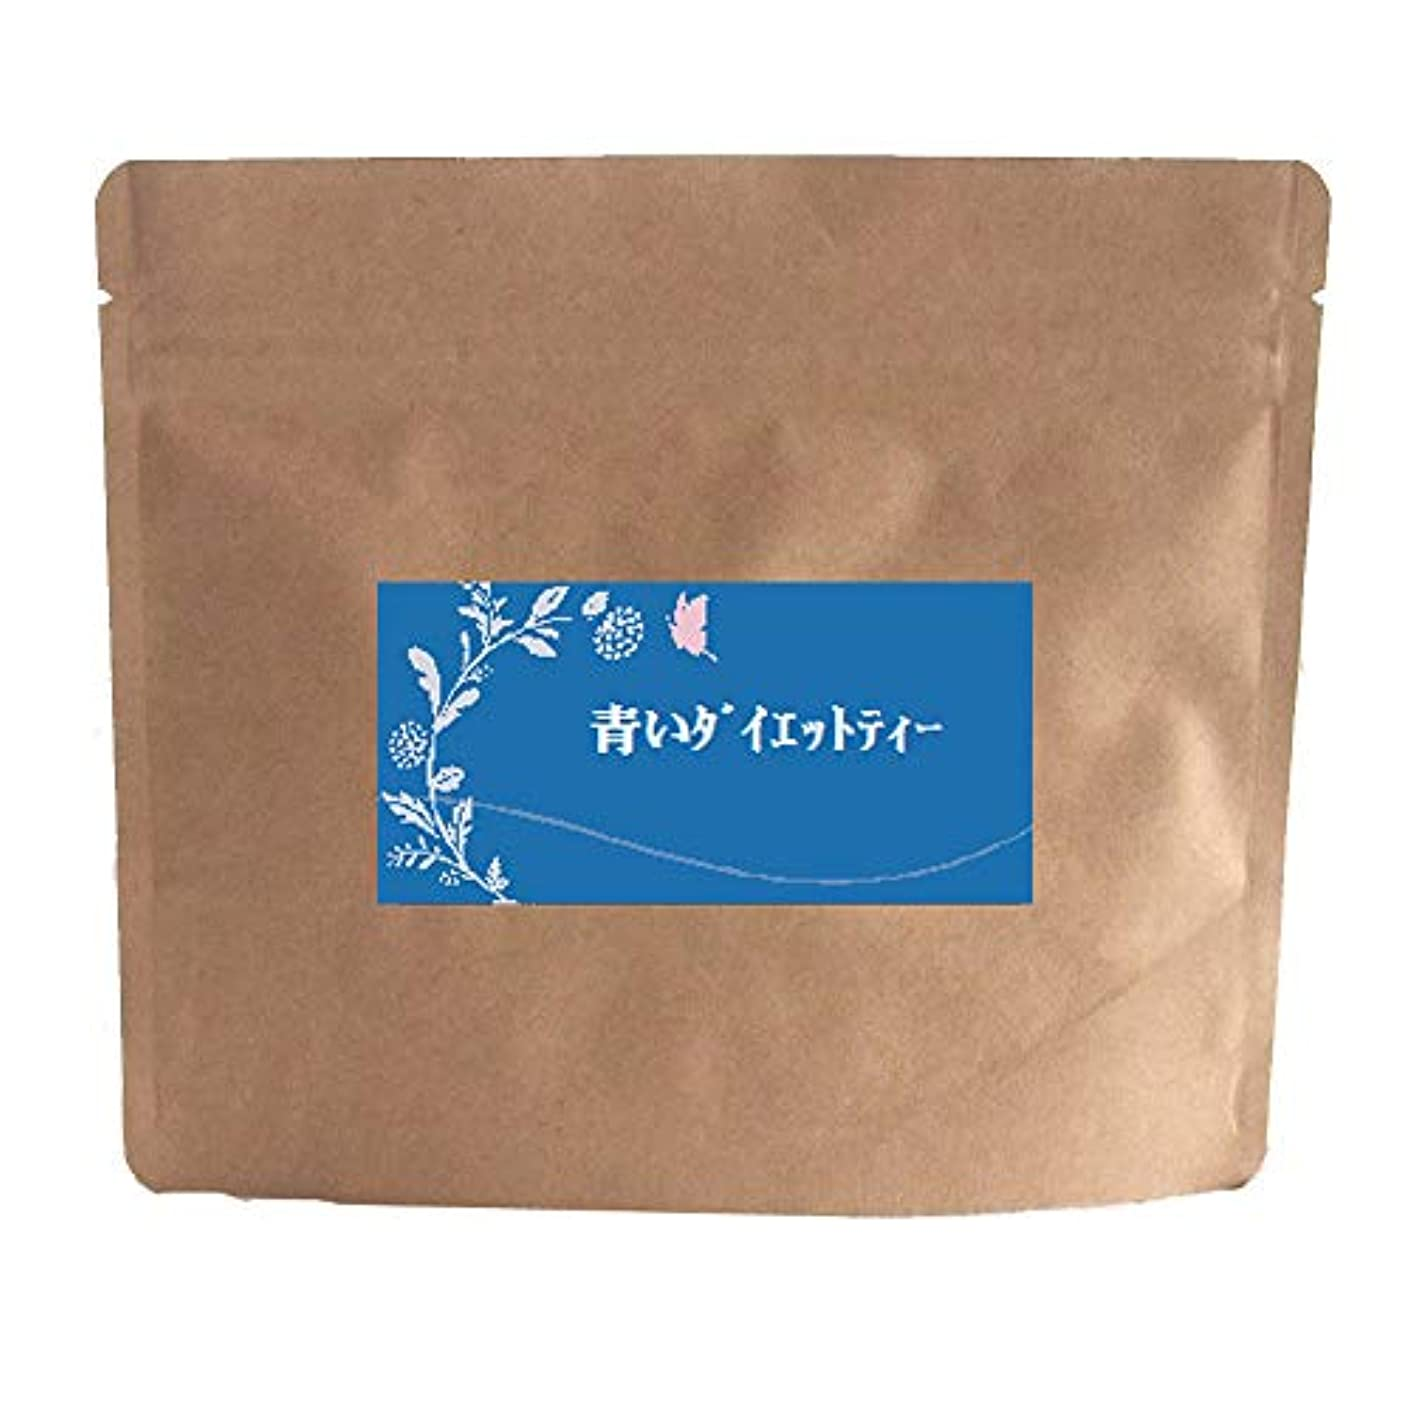 青いダイエットティー312g バタフライピー 難消化性デキストリン ダイエットドリンク 粉末 パウダー